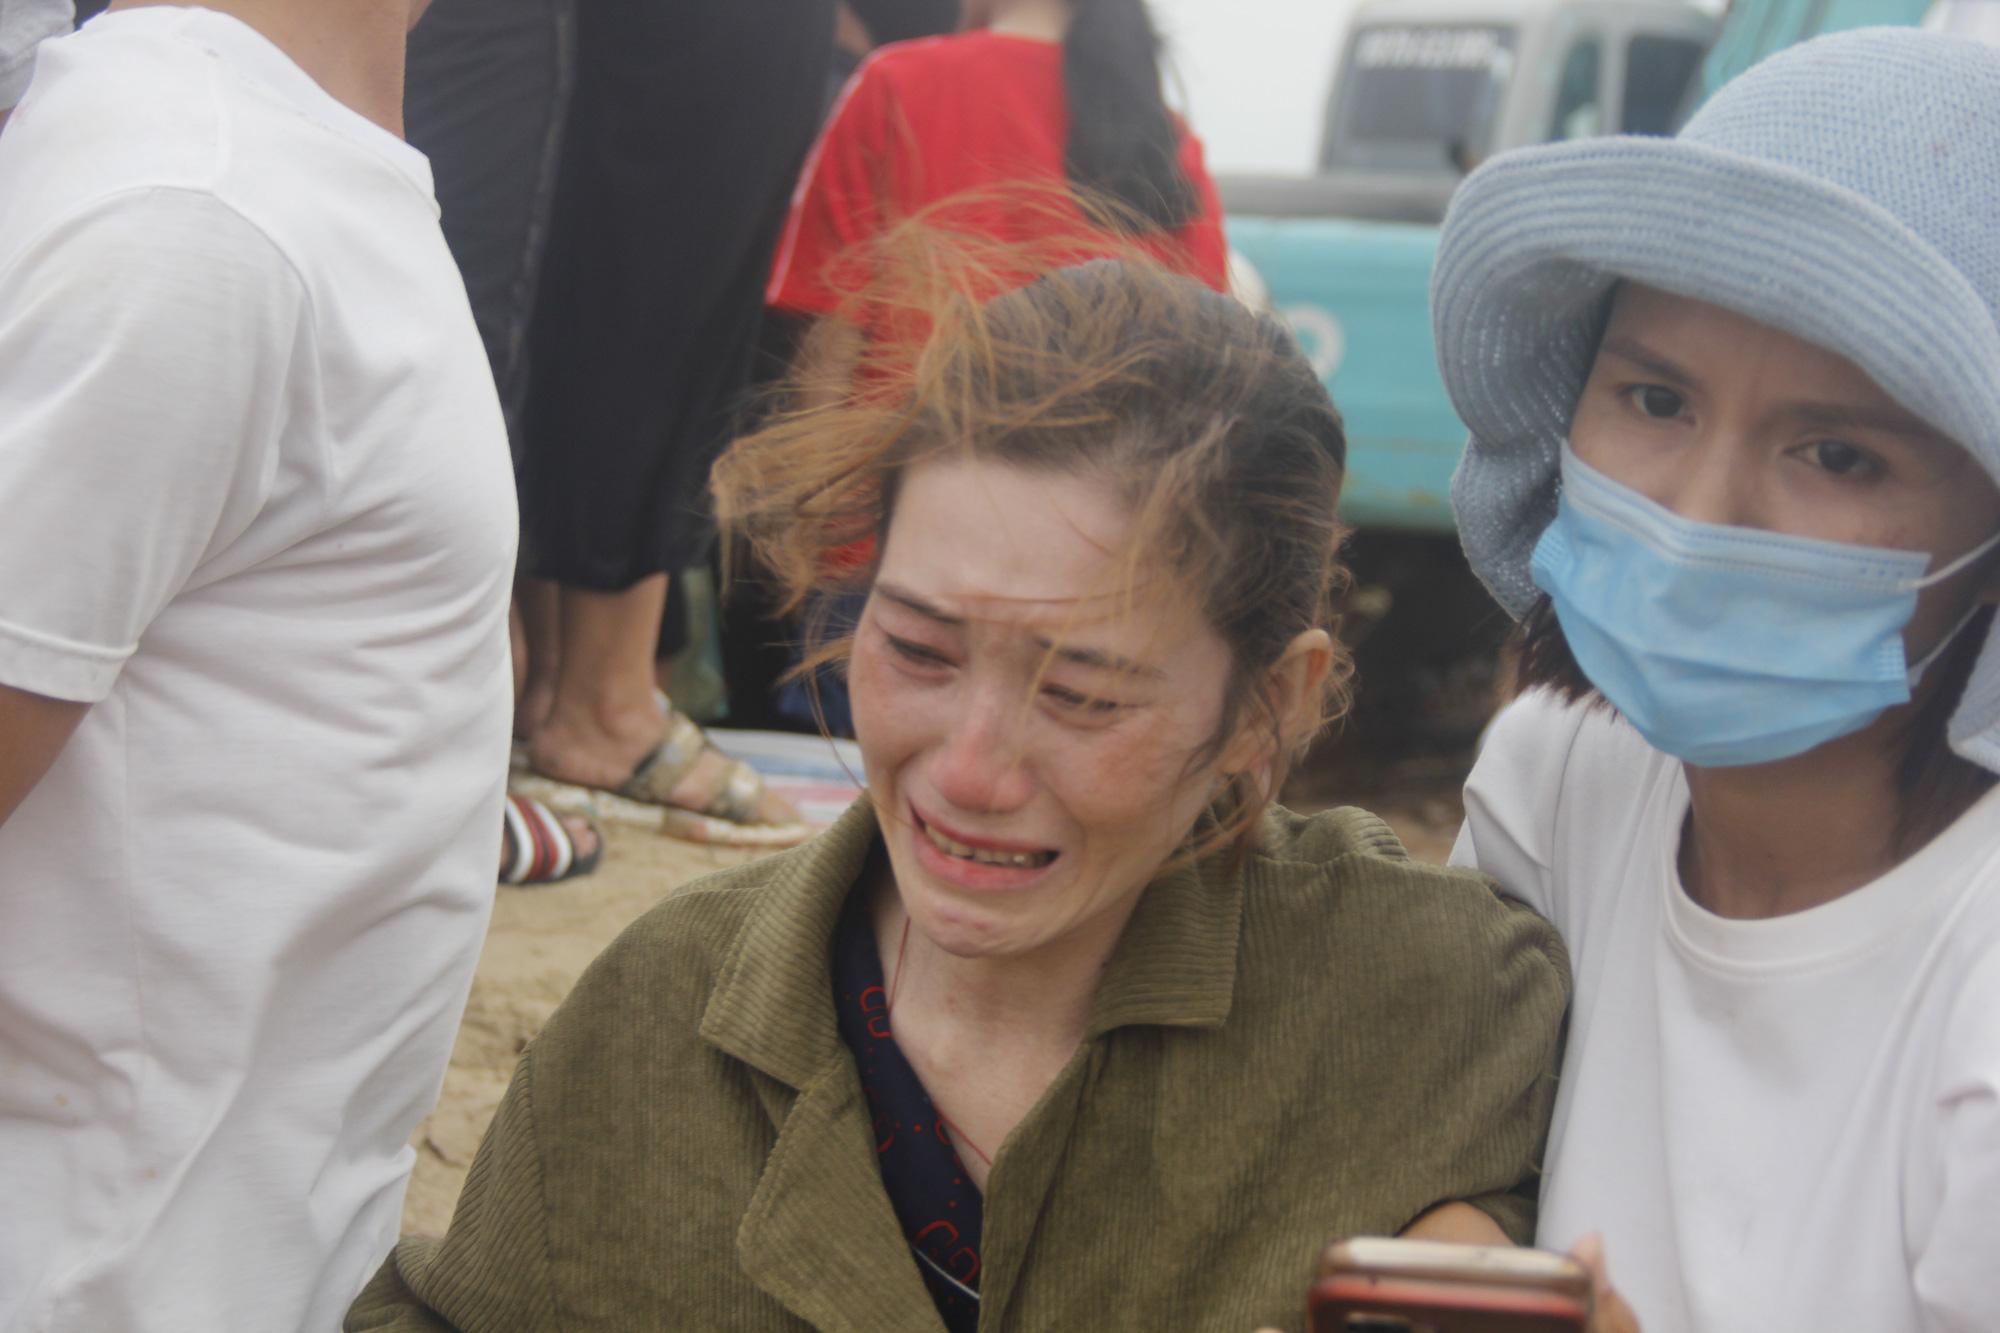 Cứu 9 người trên tàu chìm ở Quảng Trị: Trực thăng quần thảo rồi thả dây và cơ hội vào 10h tối nay - Ảnh 5.